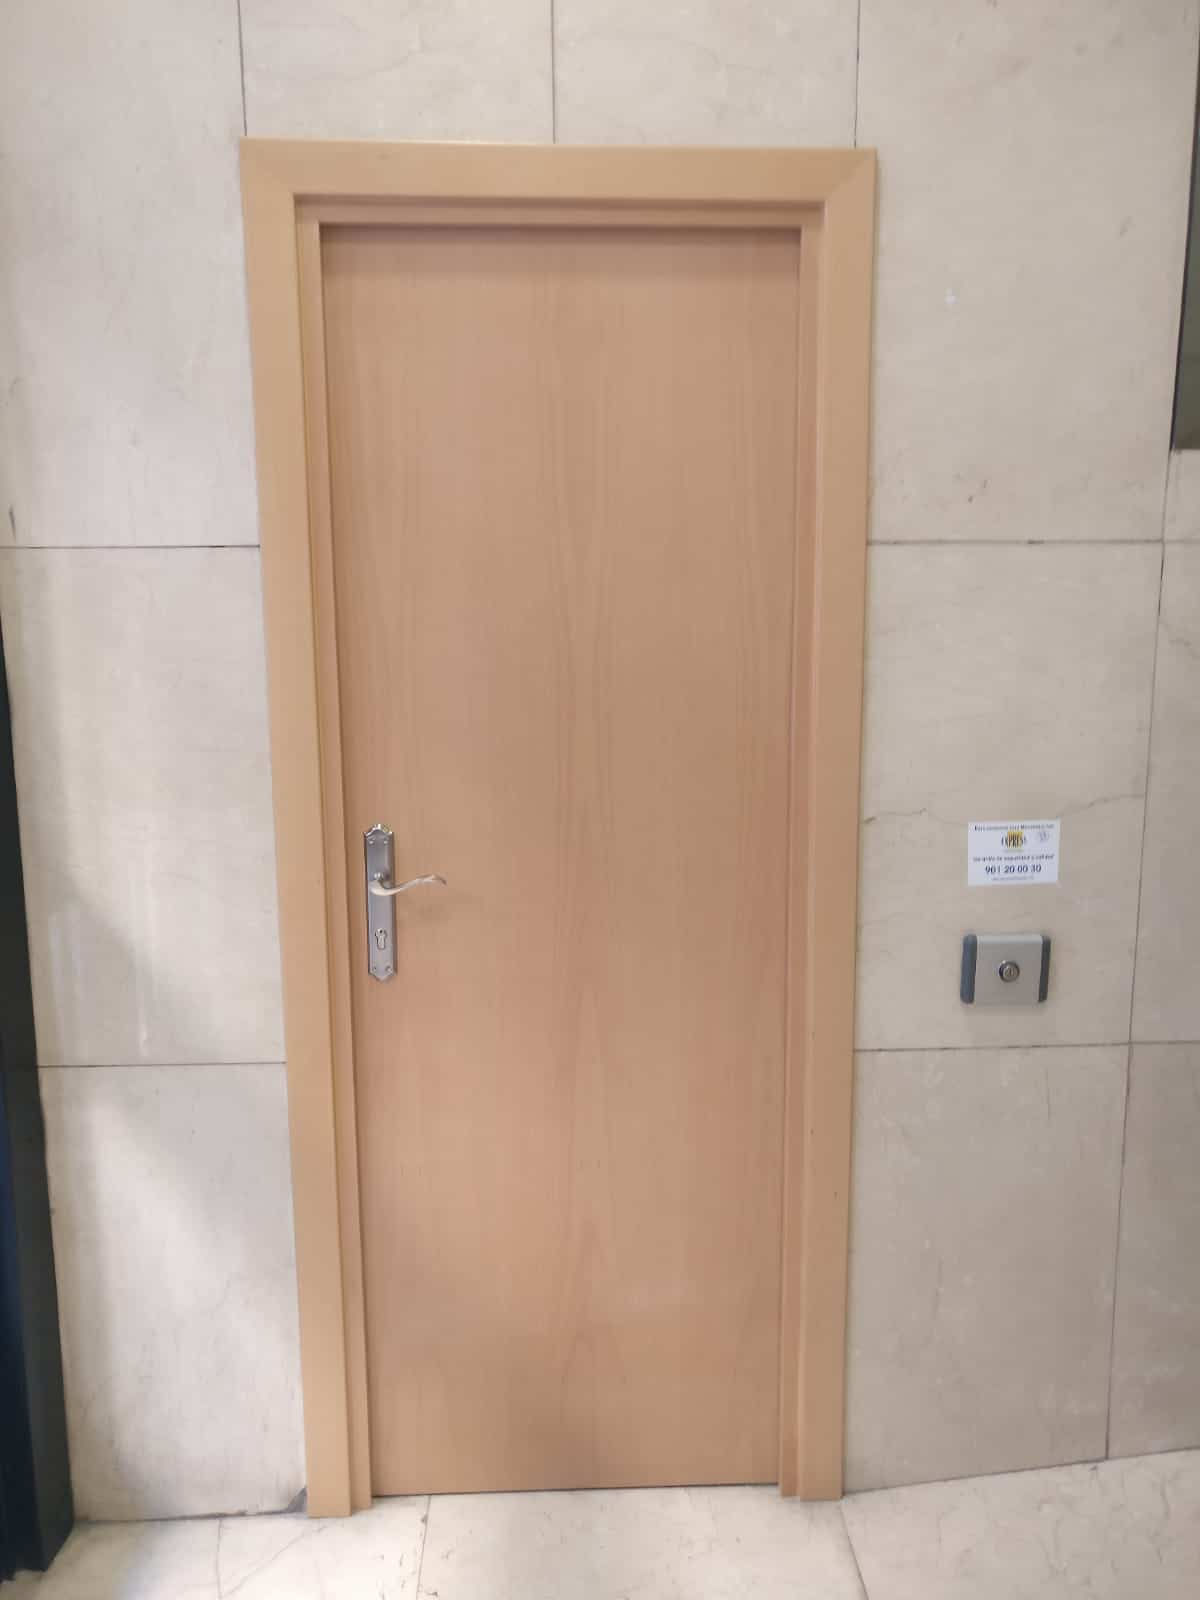 Puertas Cortafuegos de Madera - Hergoy Cerrajeros